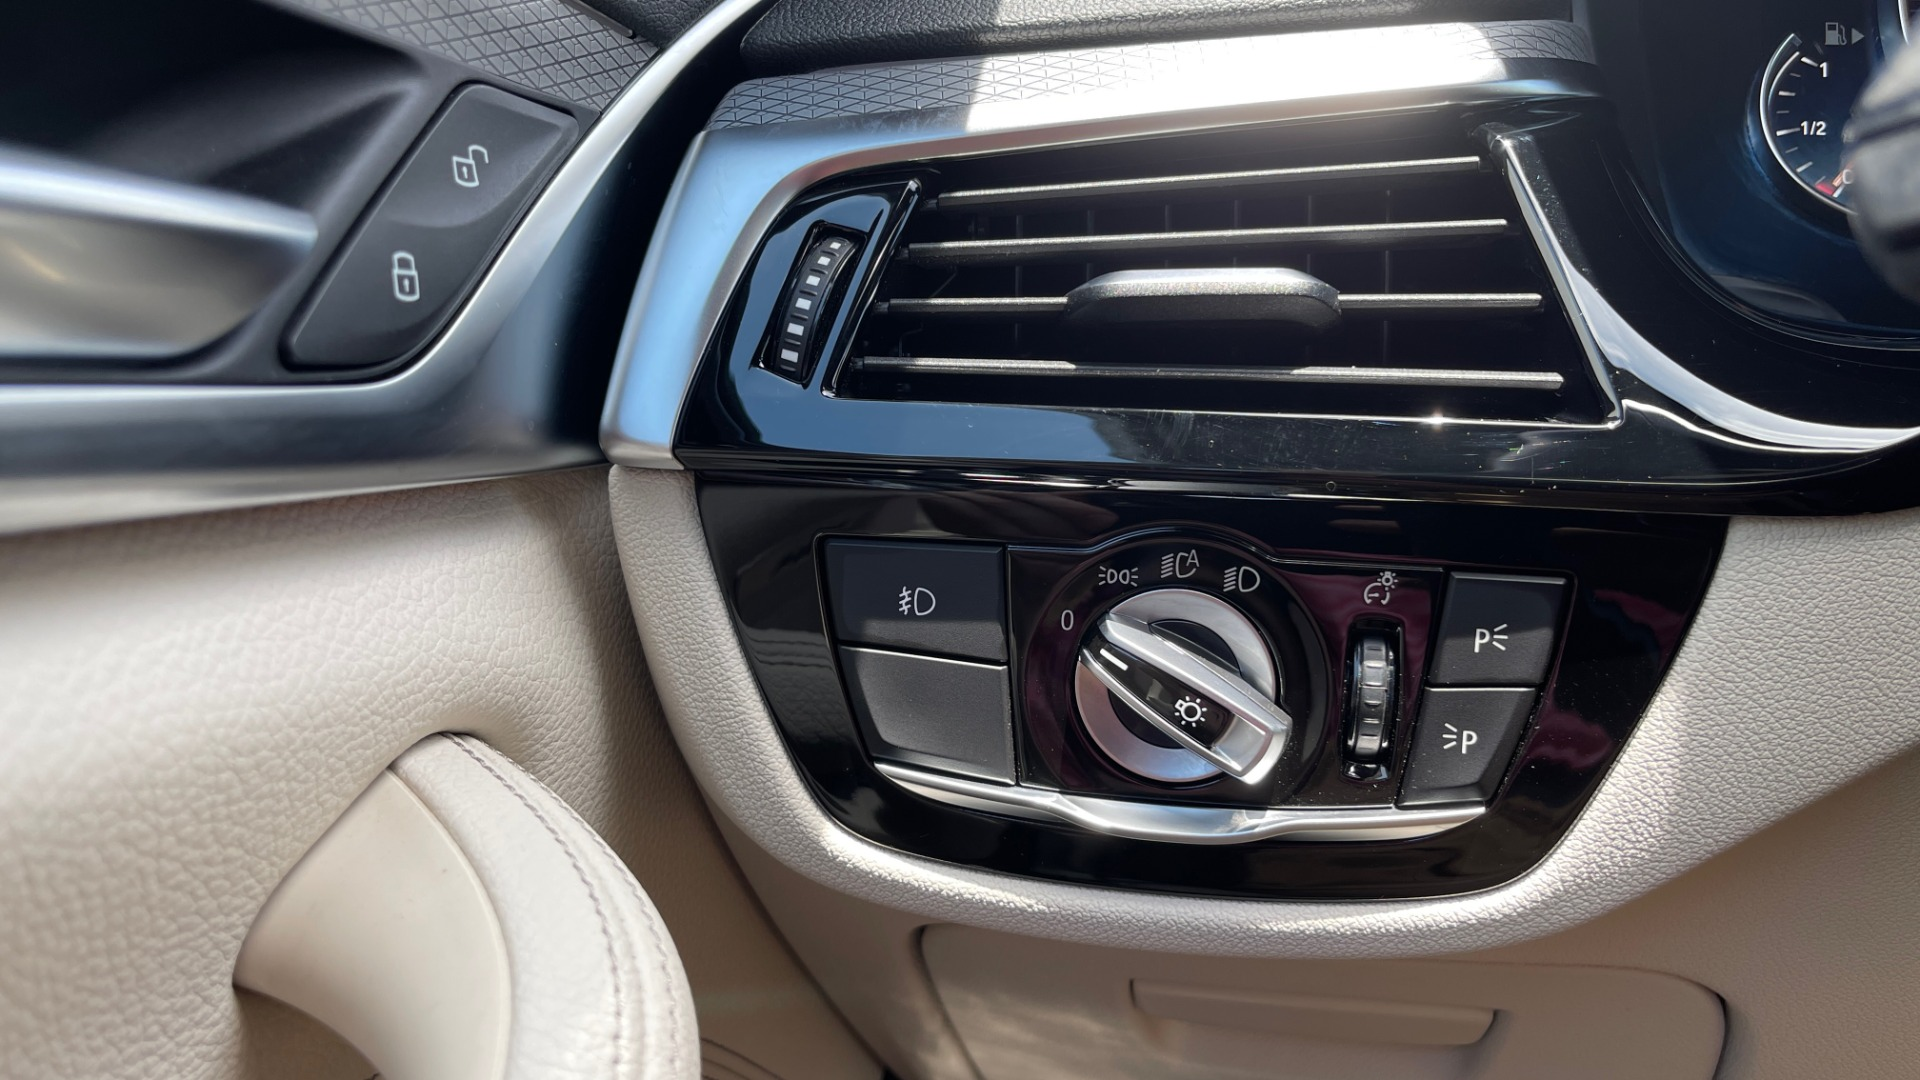 Used 2018 BMW 5 SERIES 540I M-SPORT / EXECUTIVE PKG / DRVR ASST PKG / BLIND SPOT / LANE DEPART for sale $40,995 at Formula Imports in Charlotte NC 28227 38